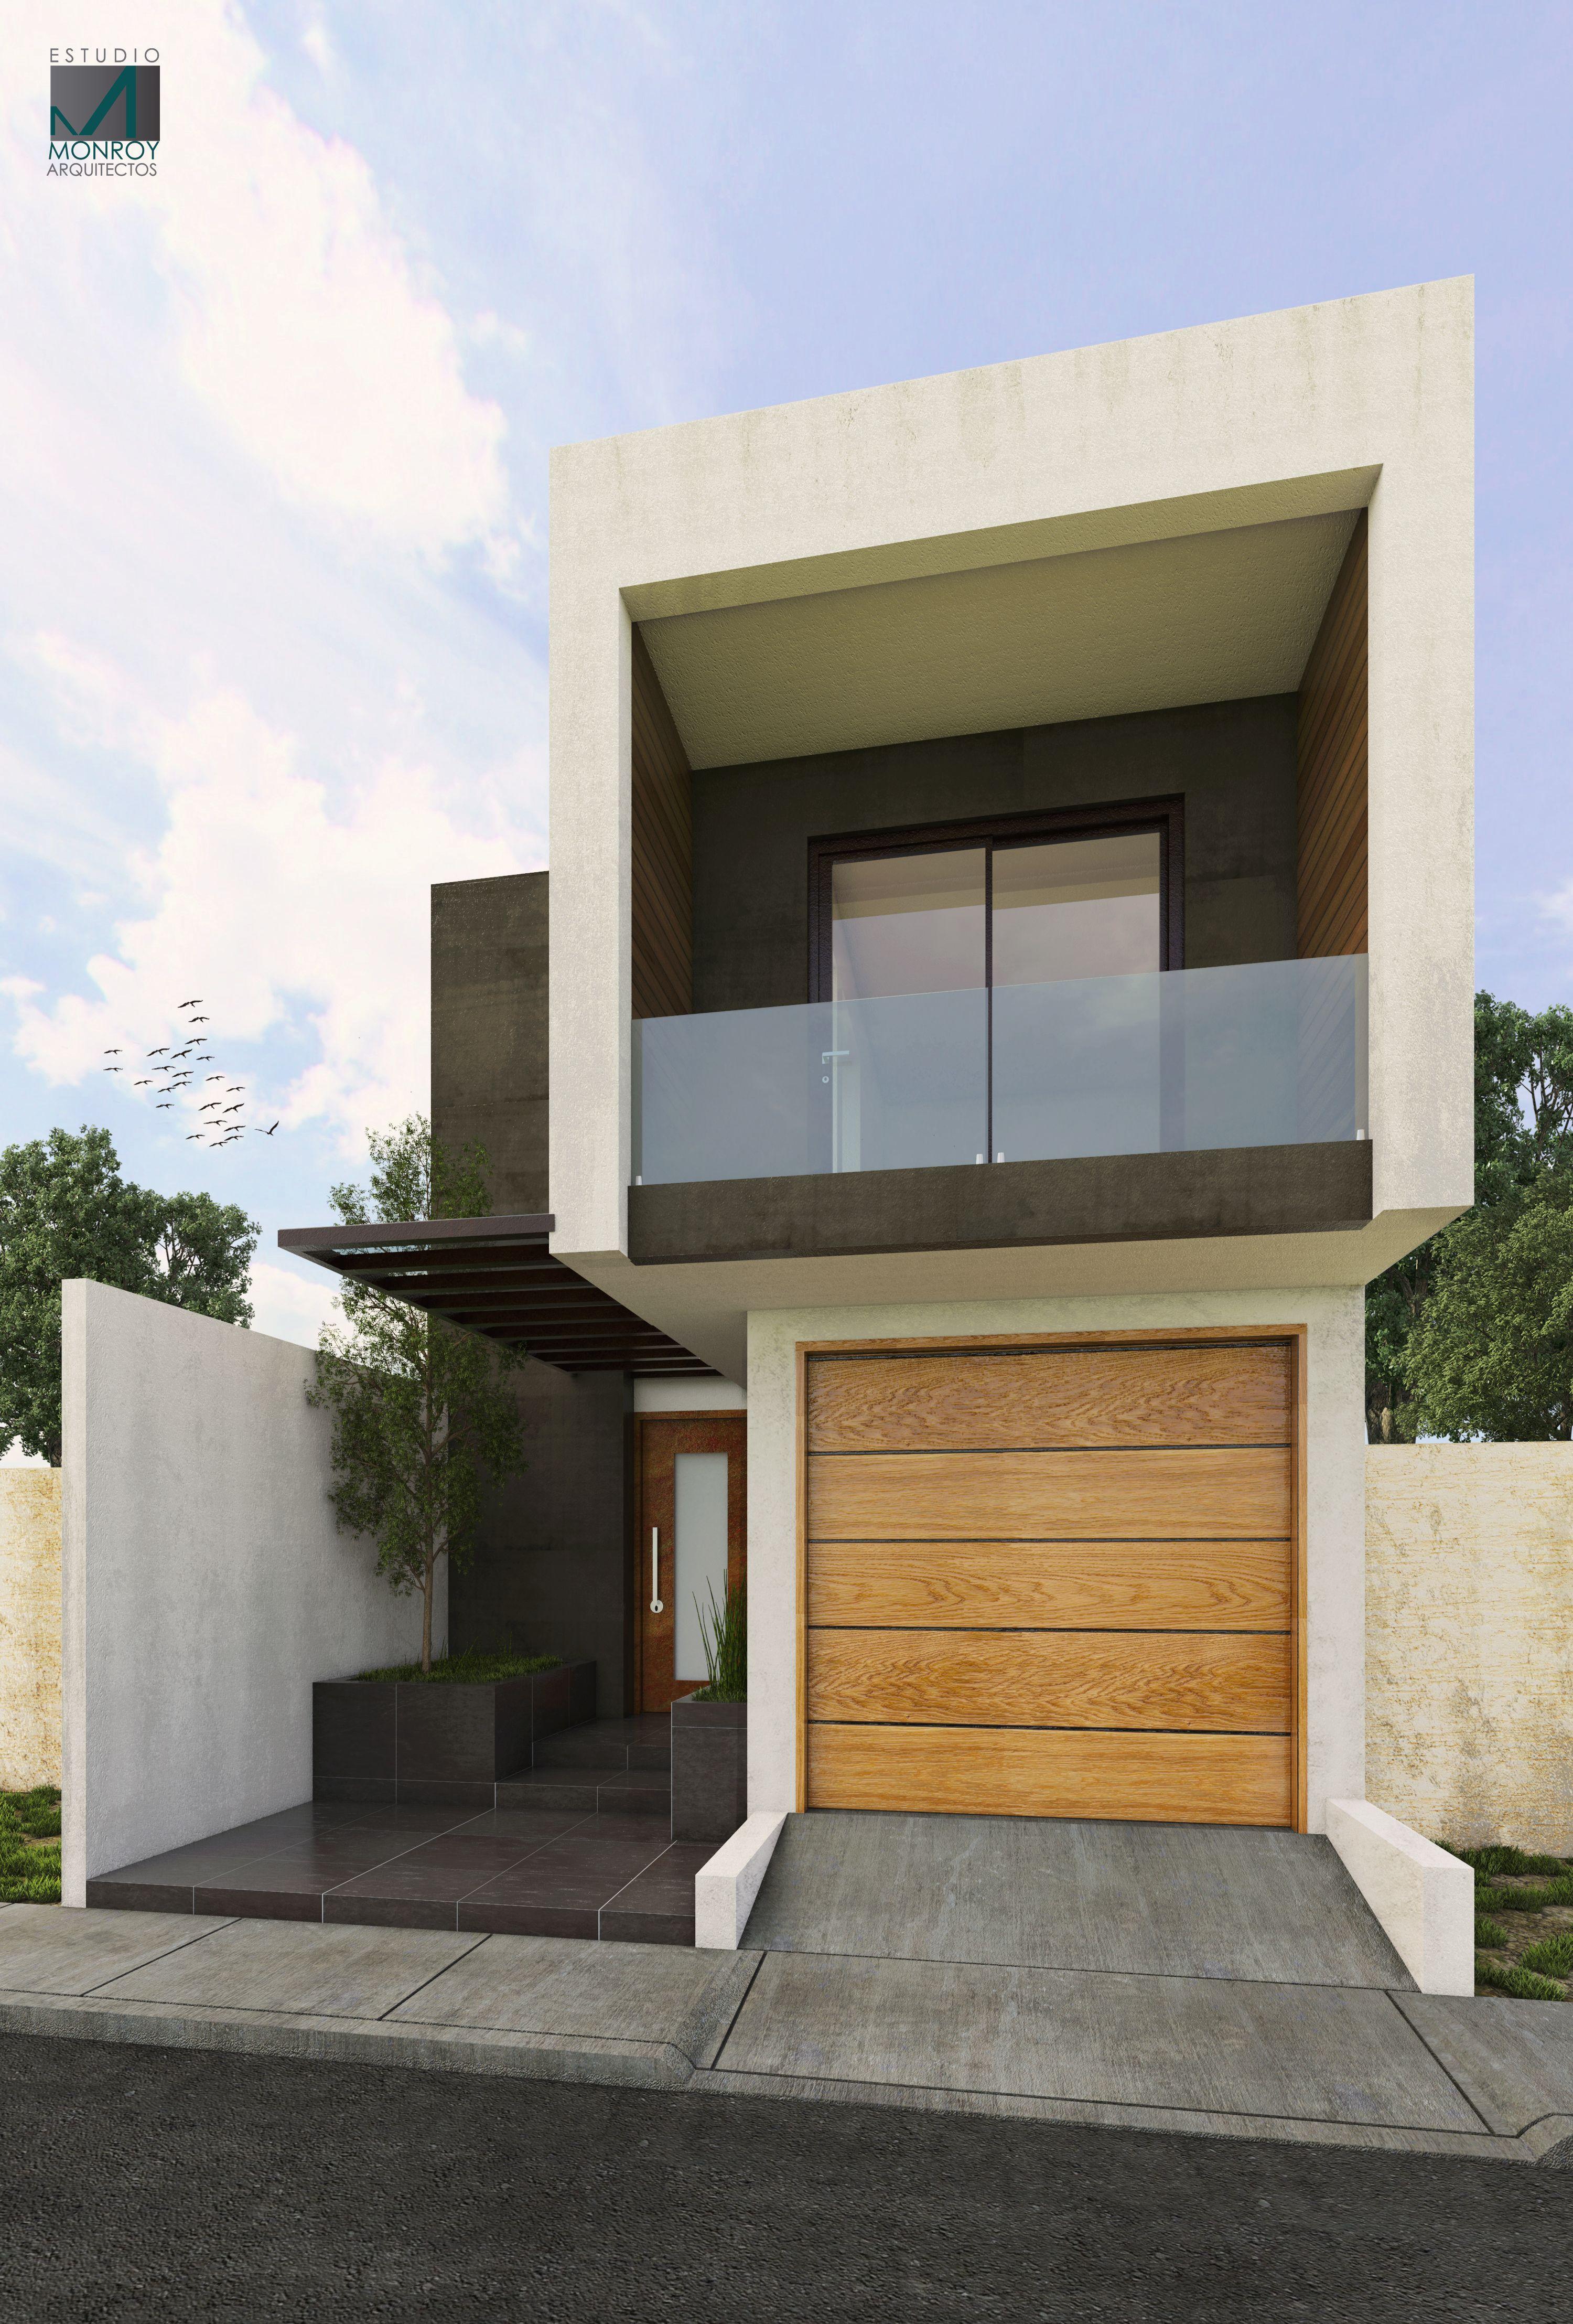 Remodelaci n fachada contempor nea 2 arquitecturamoderna - Casas de madera pequenas ...